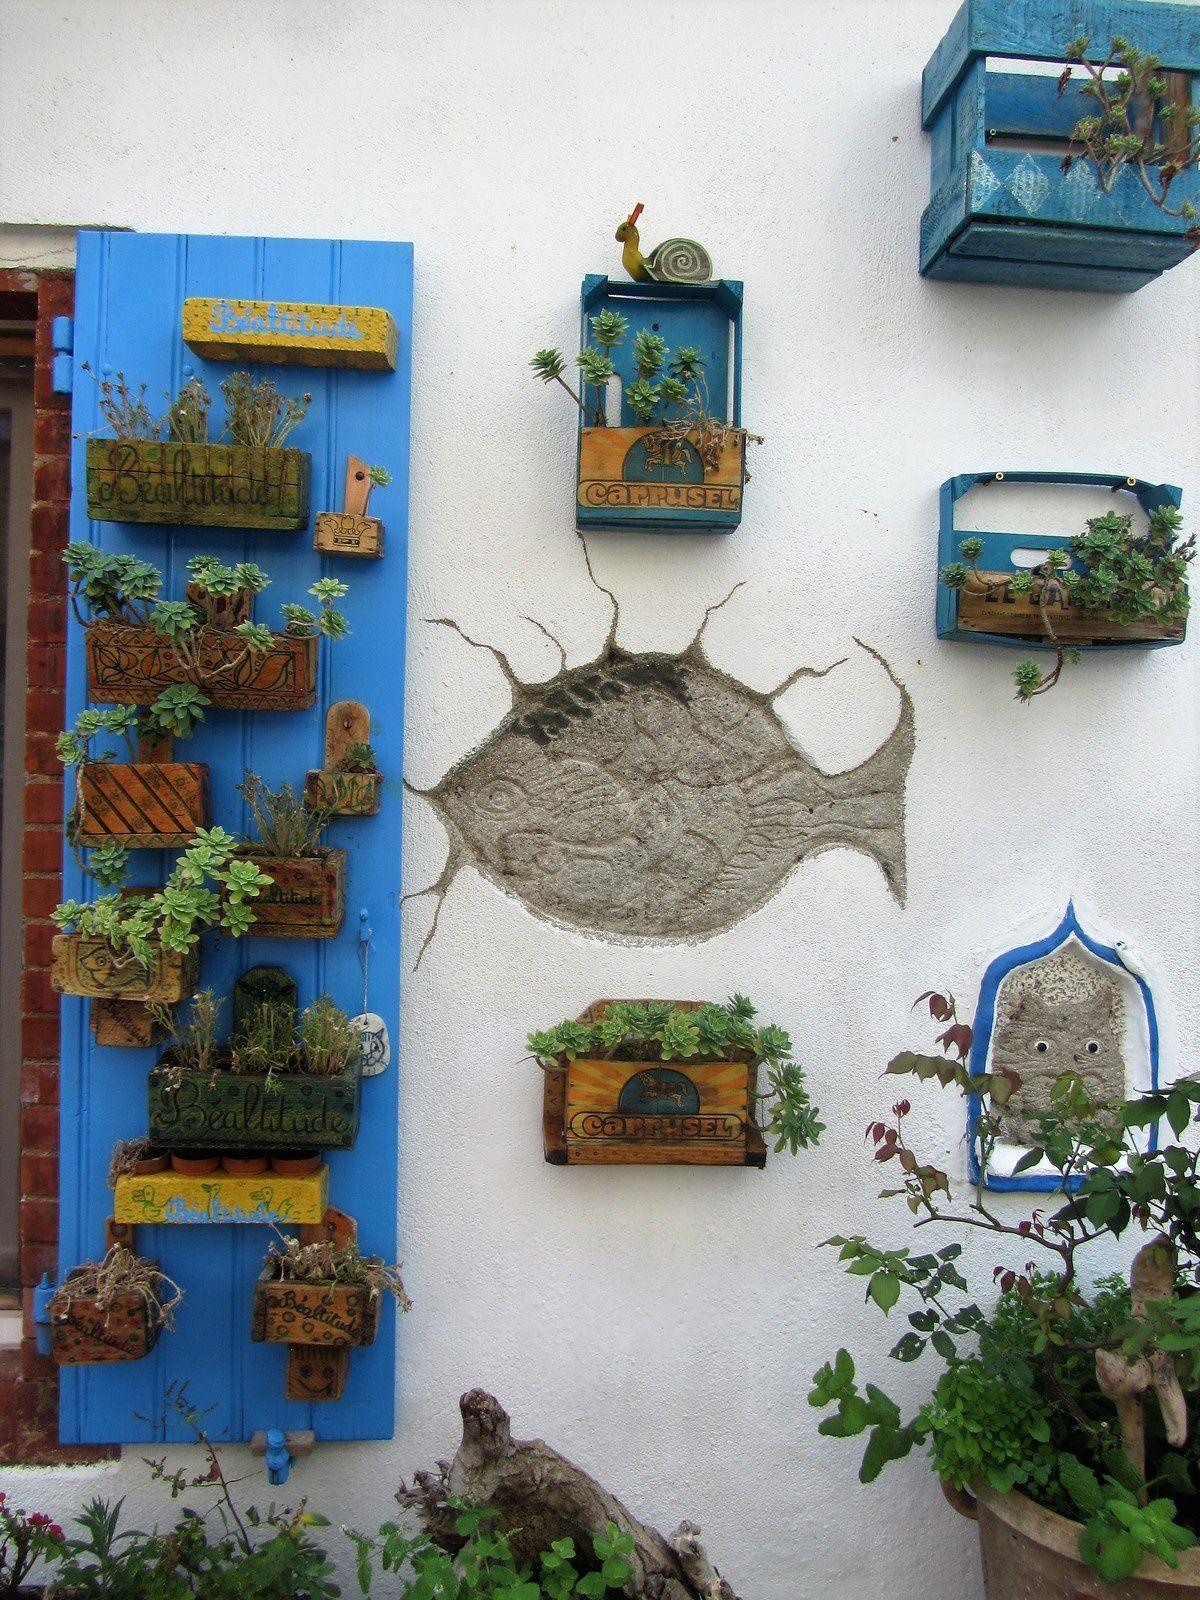 Ils sont superbement mis en valeur sur la blancheur du mur . On pourrait se croire en Grèce au bord de la mer.